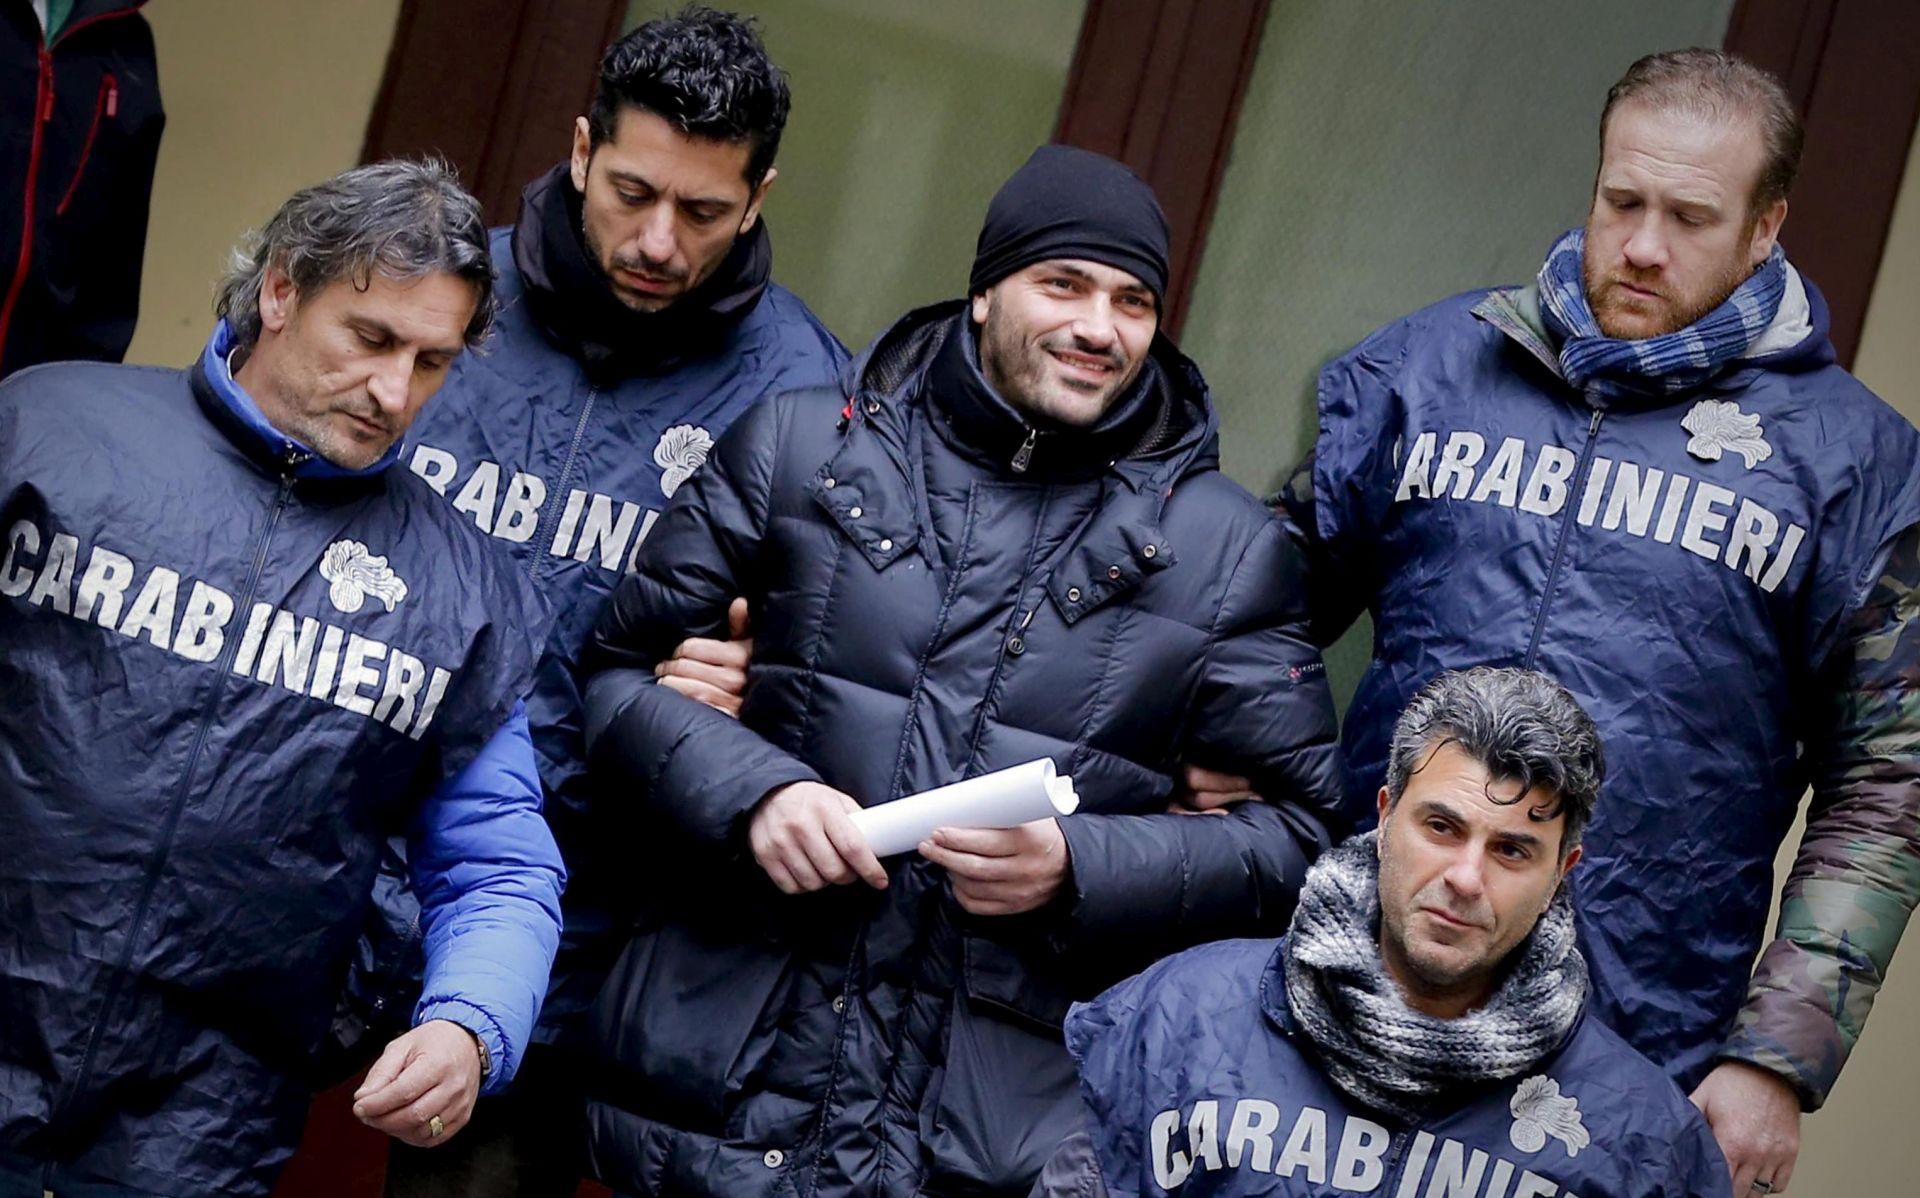 OPERACIJA PROTIV MAFIJE: Više od 100 uhićenih na Siciliji